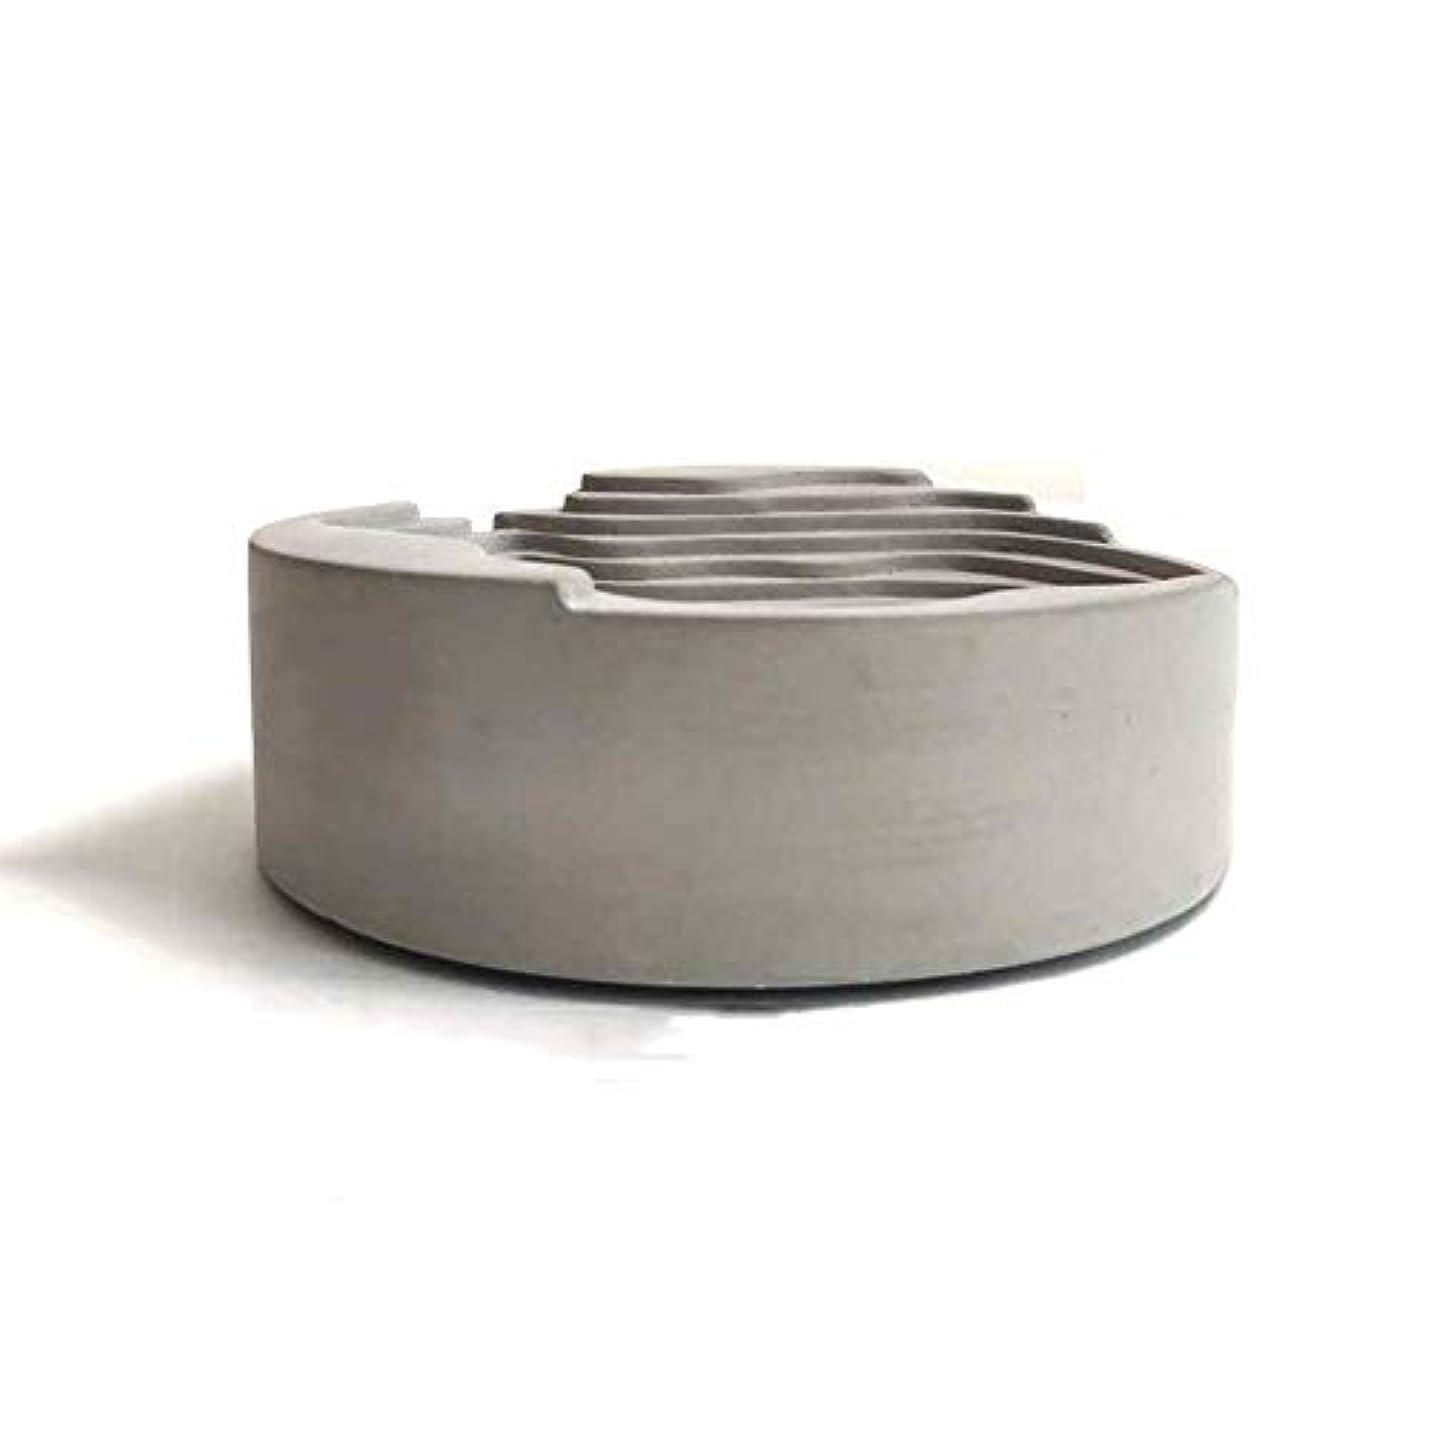 請う債務キャンドルセメント灰皿オリジナルシンプルウォーターコンクリートギフト灰皿